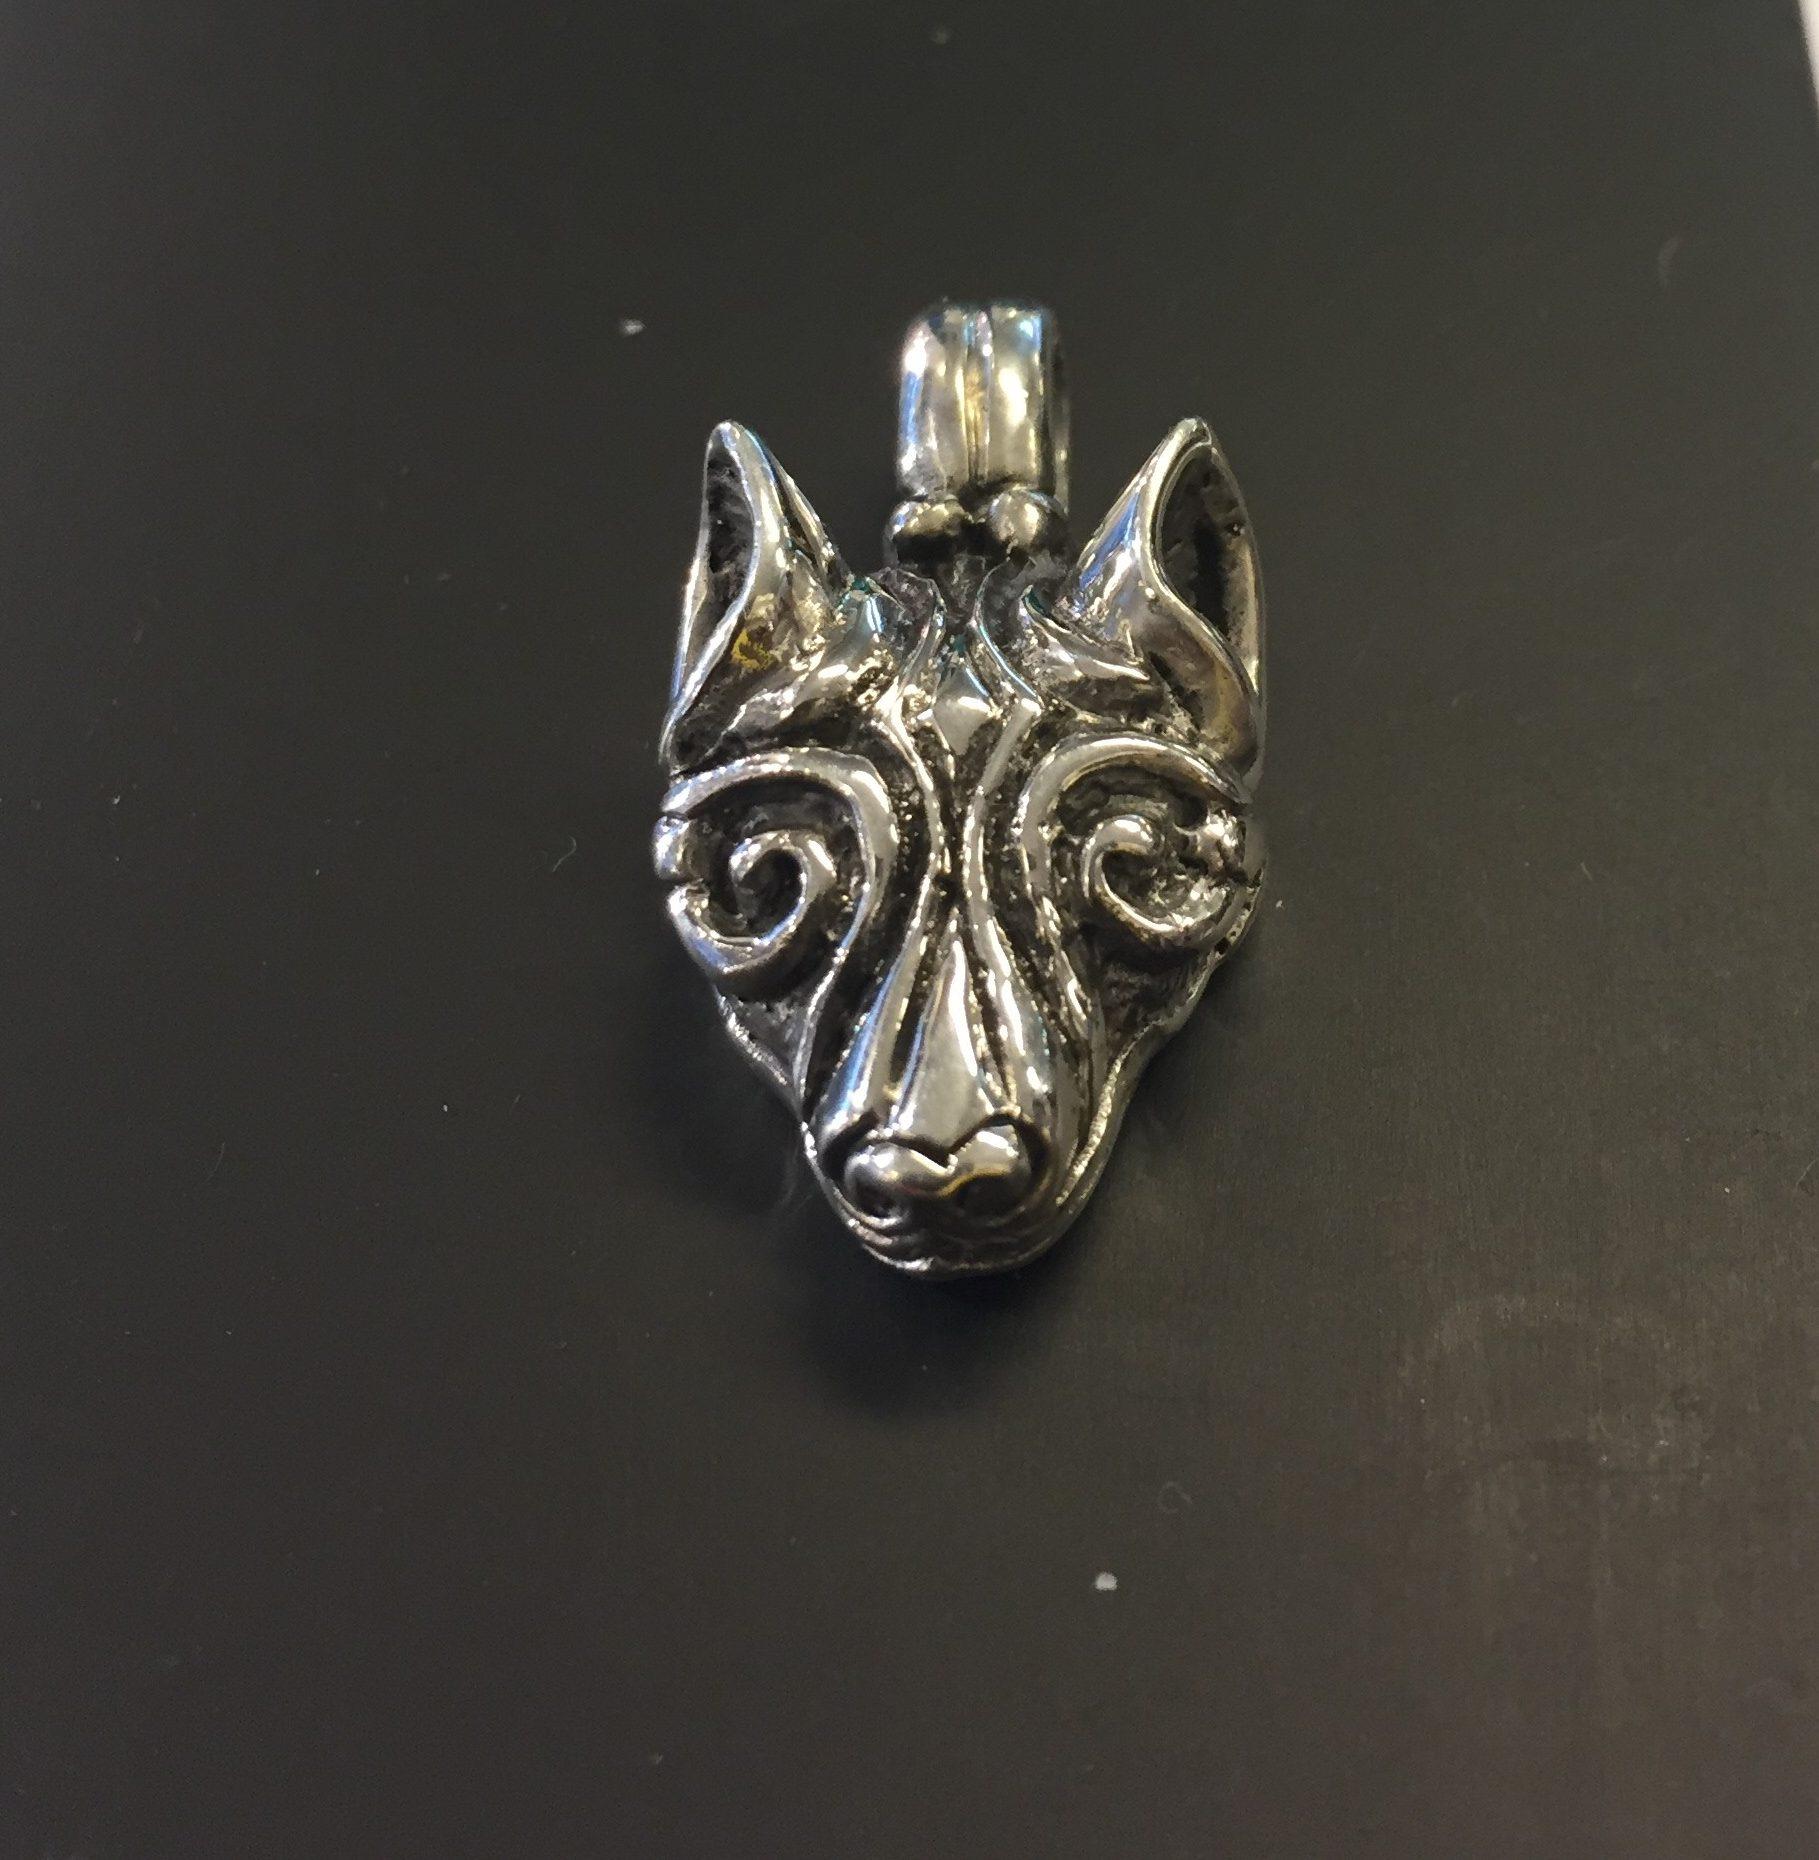 Vikingevedhæng i sølv - Ulvehoved - Fenris